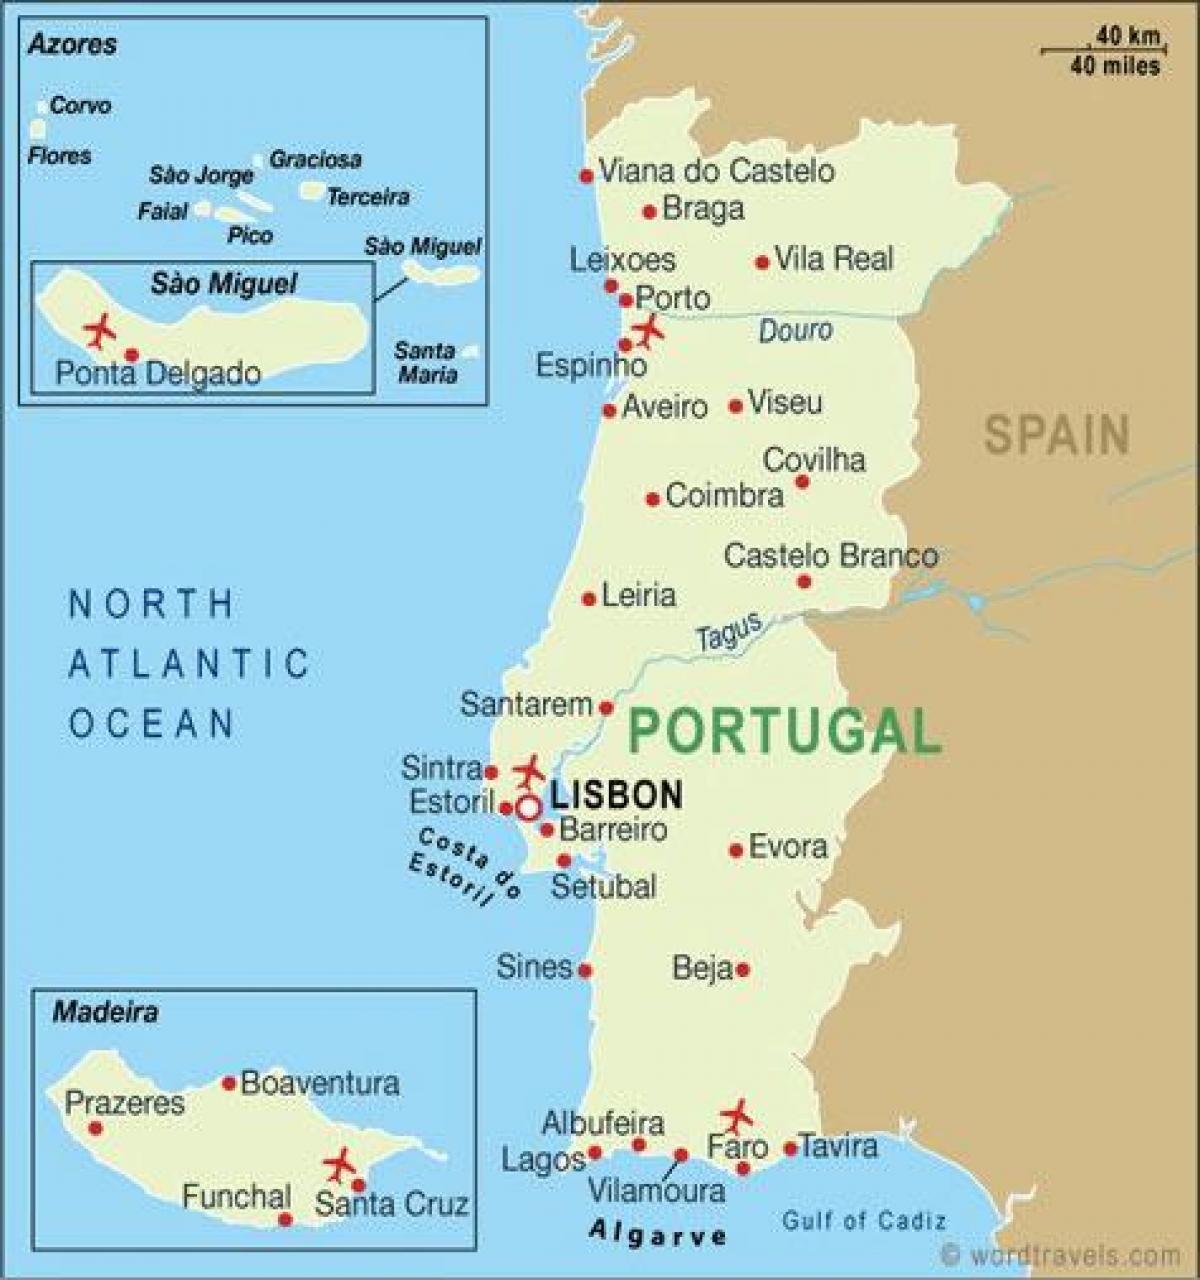 Flughafen Algarve Karte.Portugal Flughäfen Karte Karte Der Flughäfen In Portugal Europa